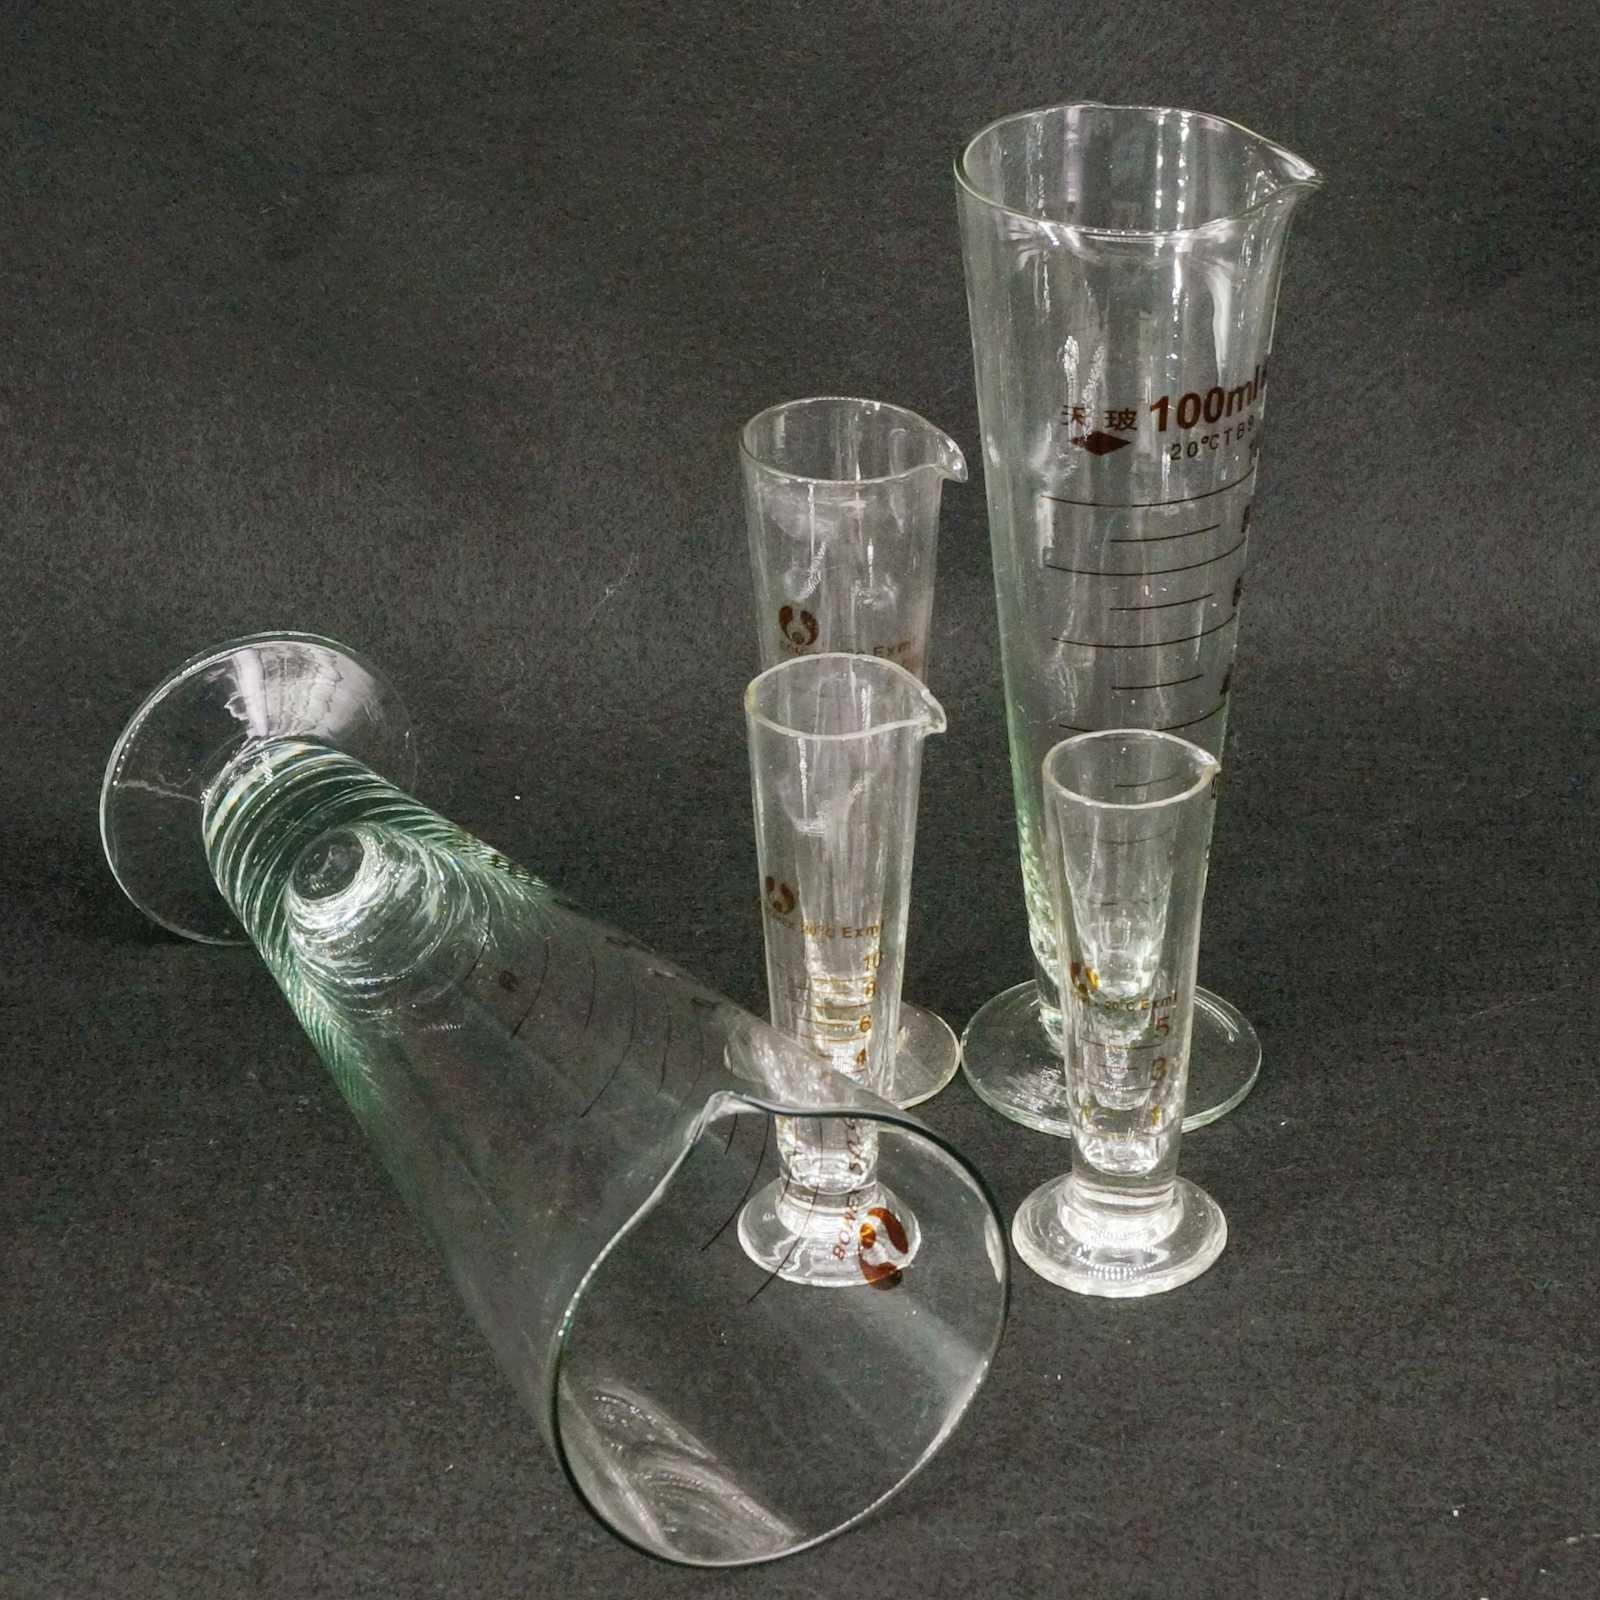 Becher 10 Ml 25 Ml 50 Ml 75 Ml 125 Ml Gg17 Glas Klar Schwefeldioxid Absorber Rohr Flasche Gerät Chemi Glaswaren